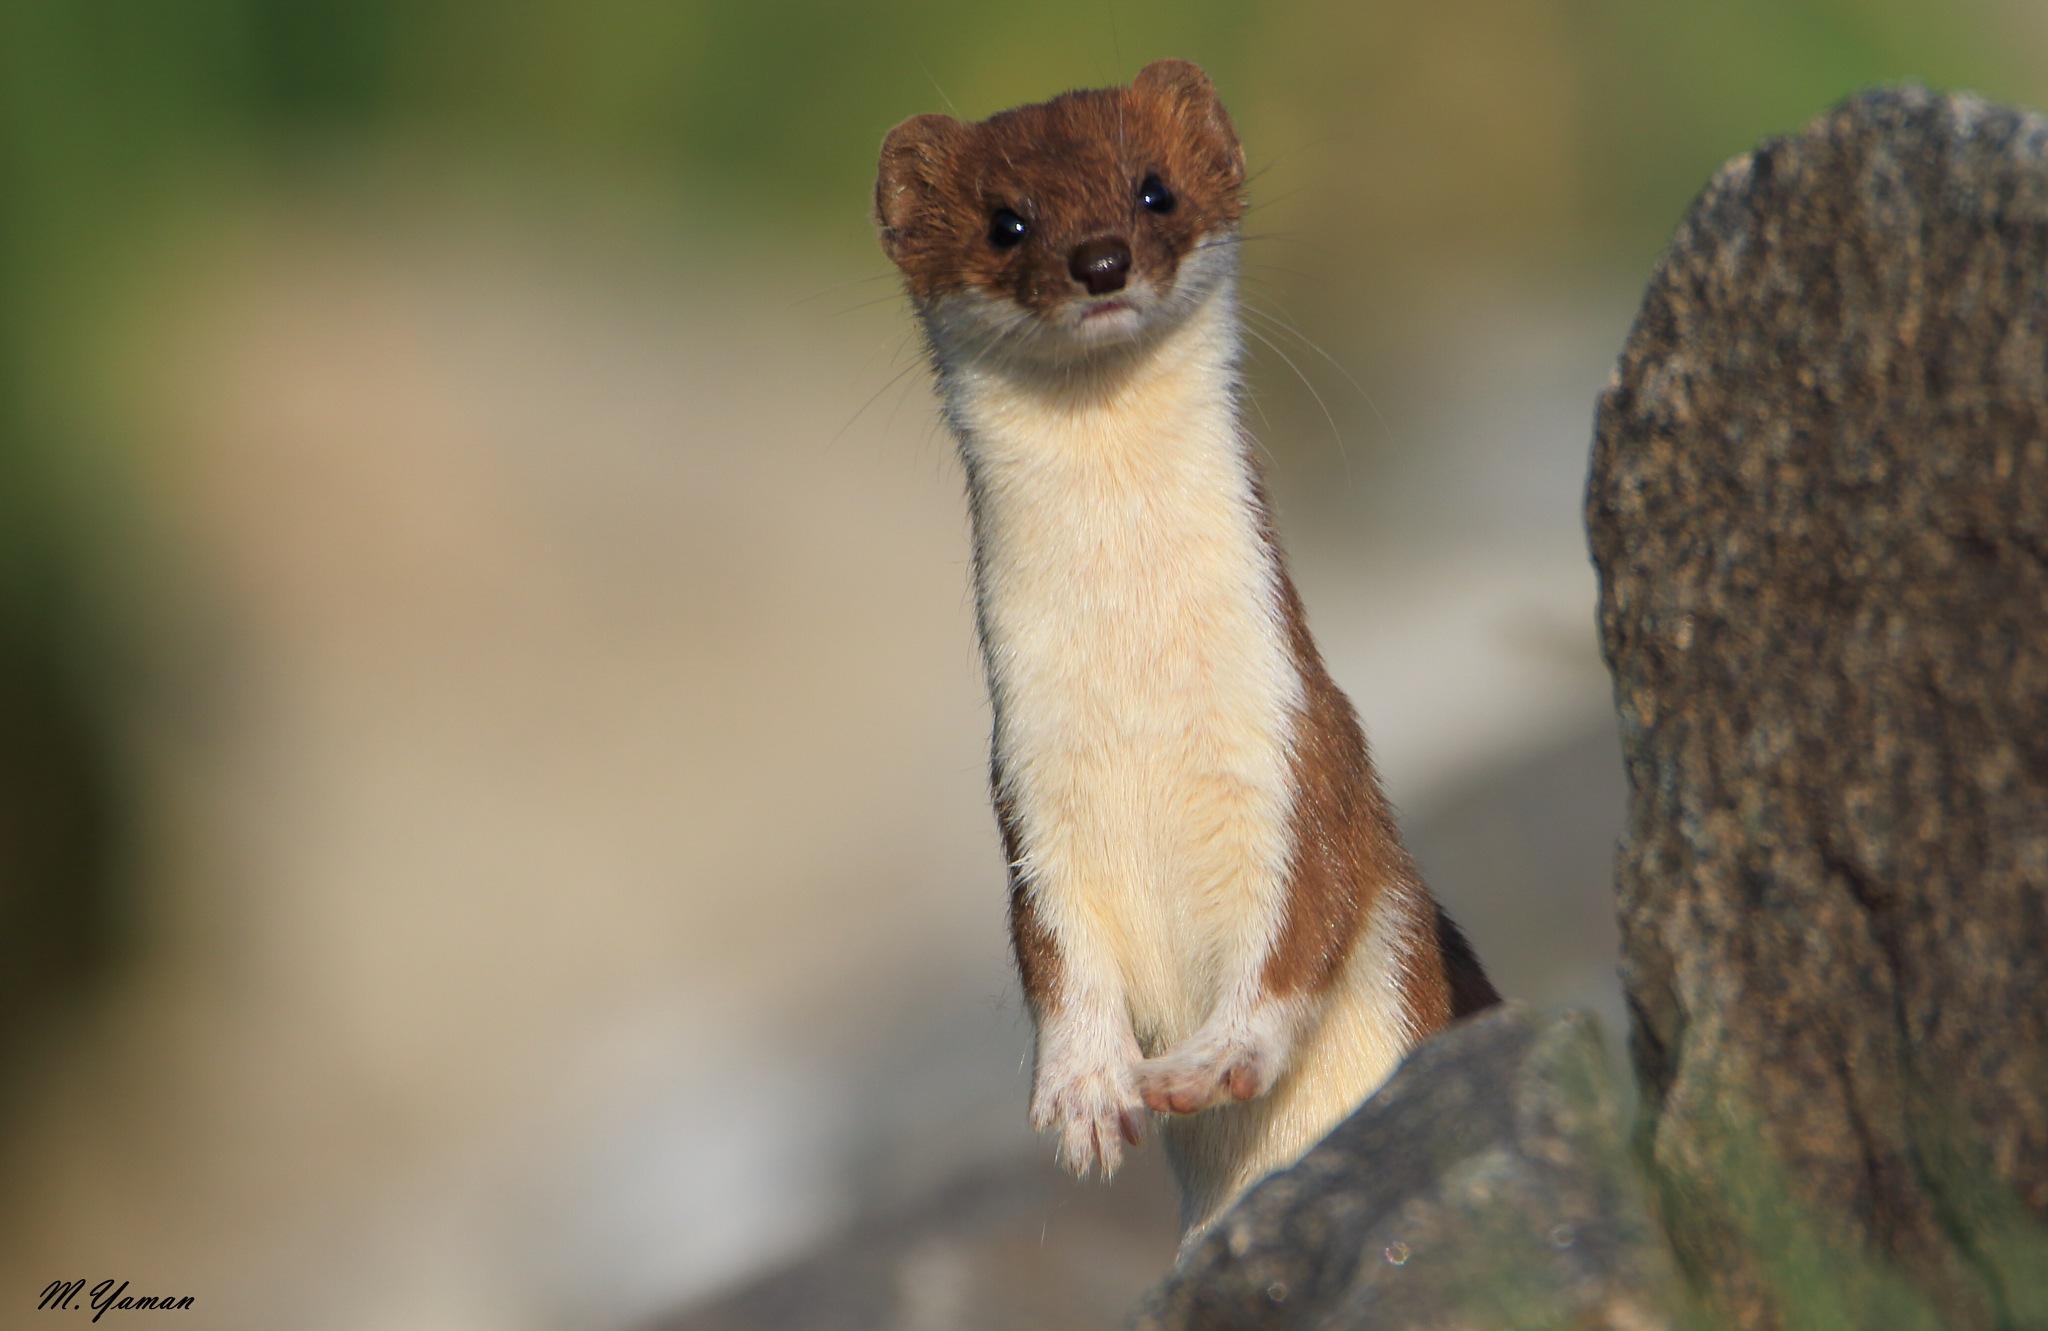 Gelincik / Least Weasel by Mustafa Yaman